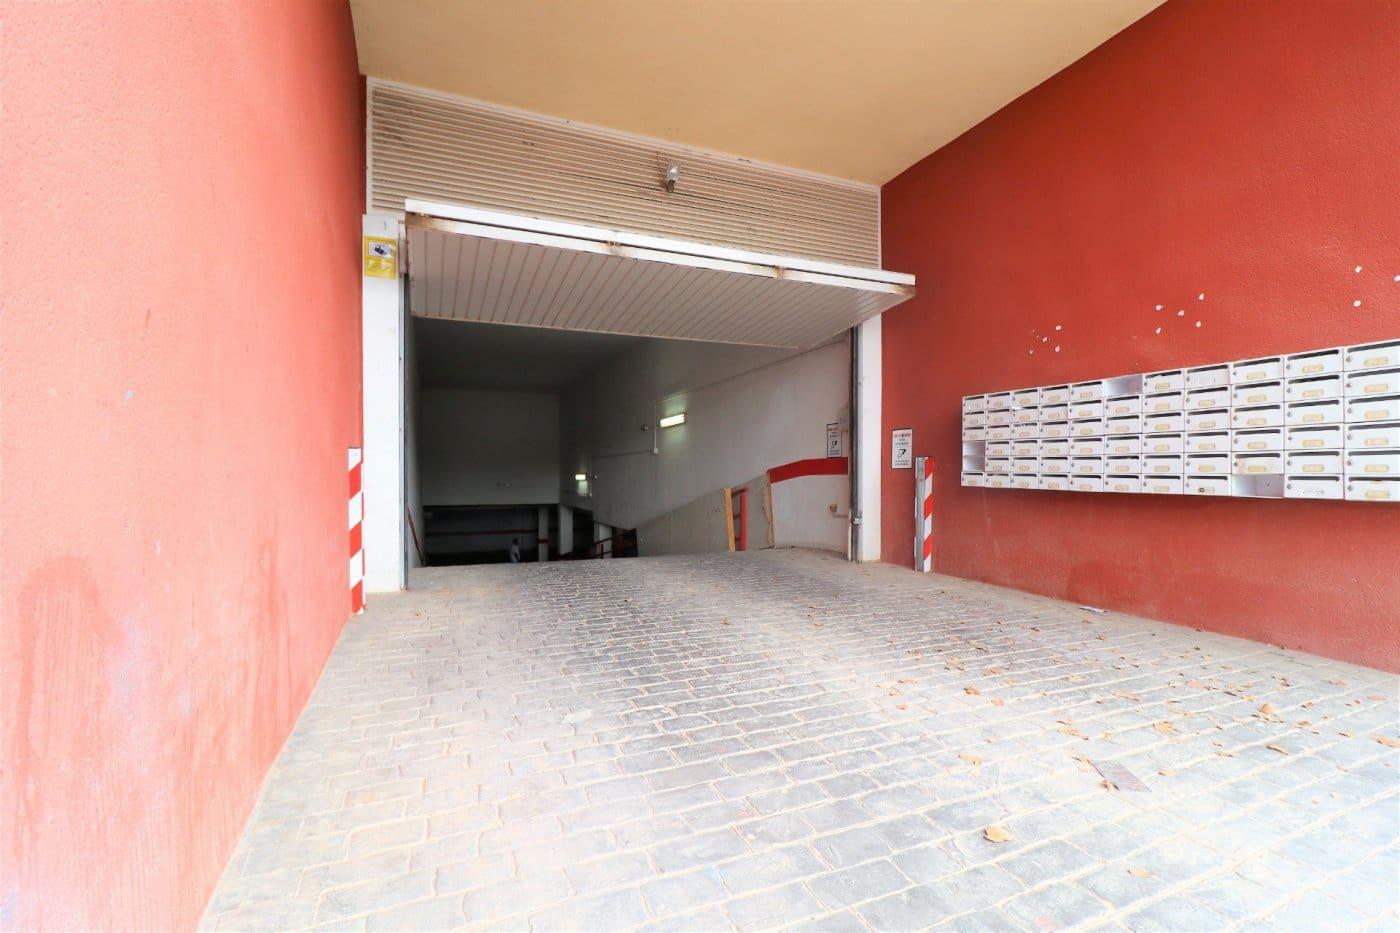 Garage zu verkaufen in Los Alcazares - 6.000 € (Ref: 5415002)